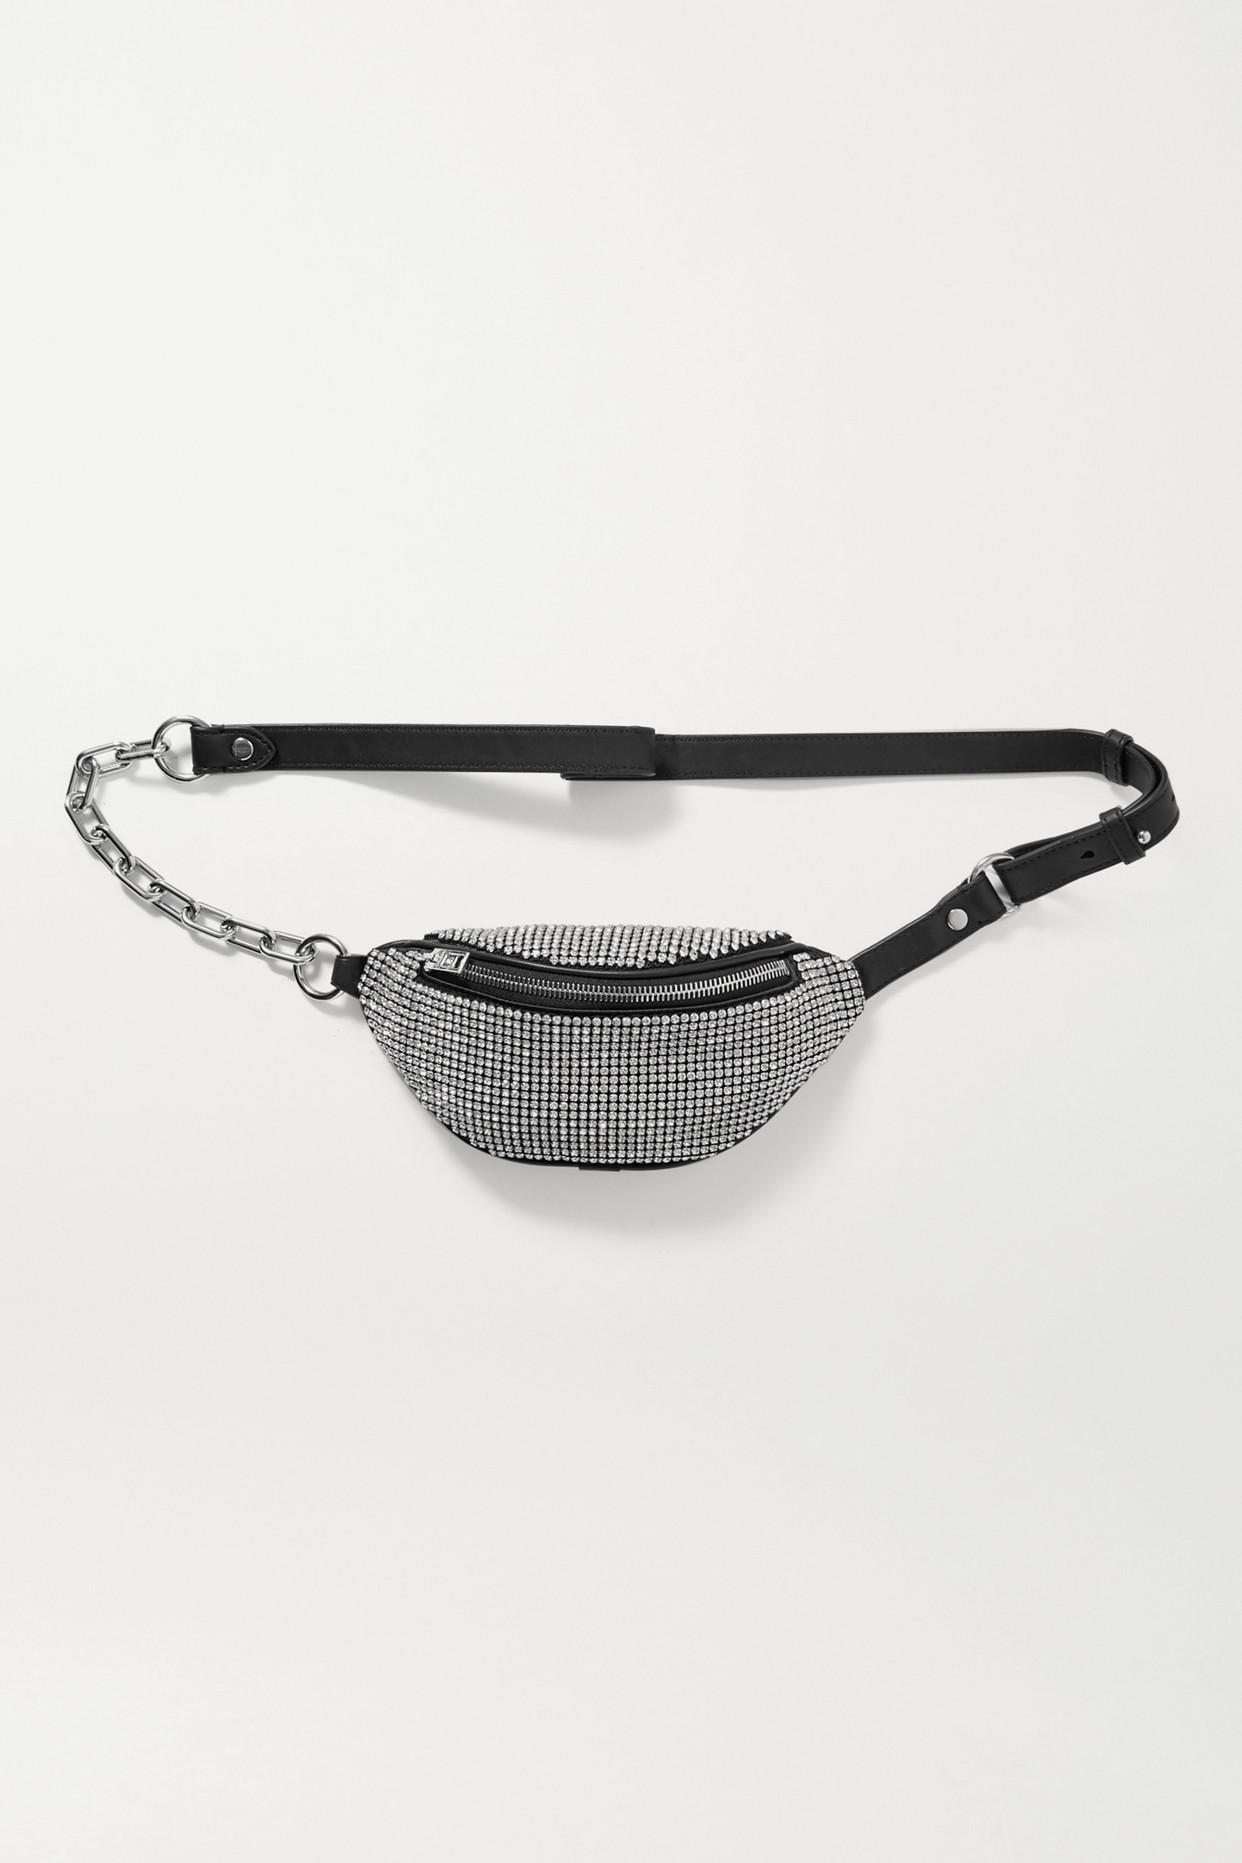 ALEXANDER WANG - Attica Mini Crystal-embellished Leather Belt Bag - Black - one size